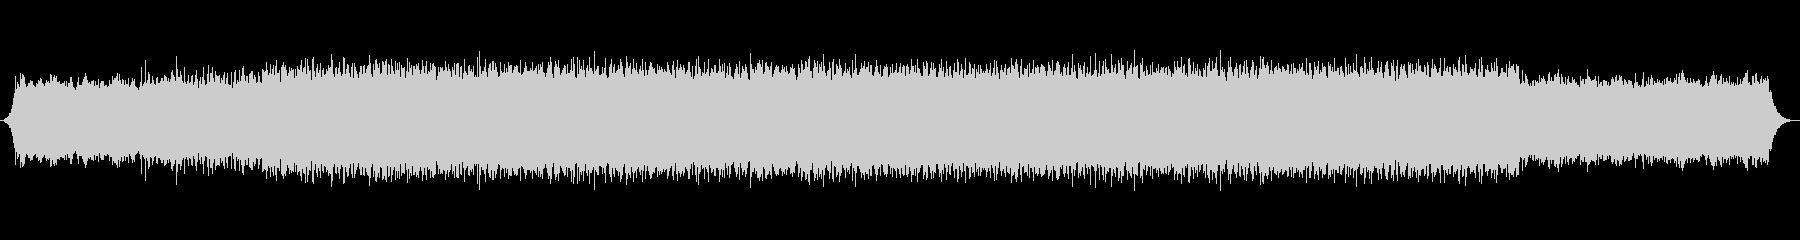 エレクトロニカ、コンセプトムービーの未再生の波形